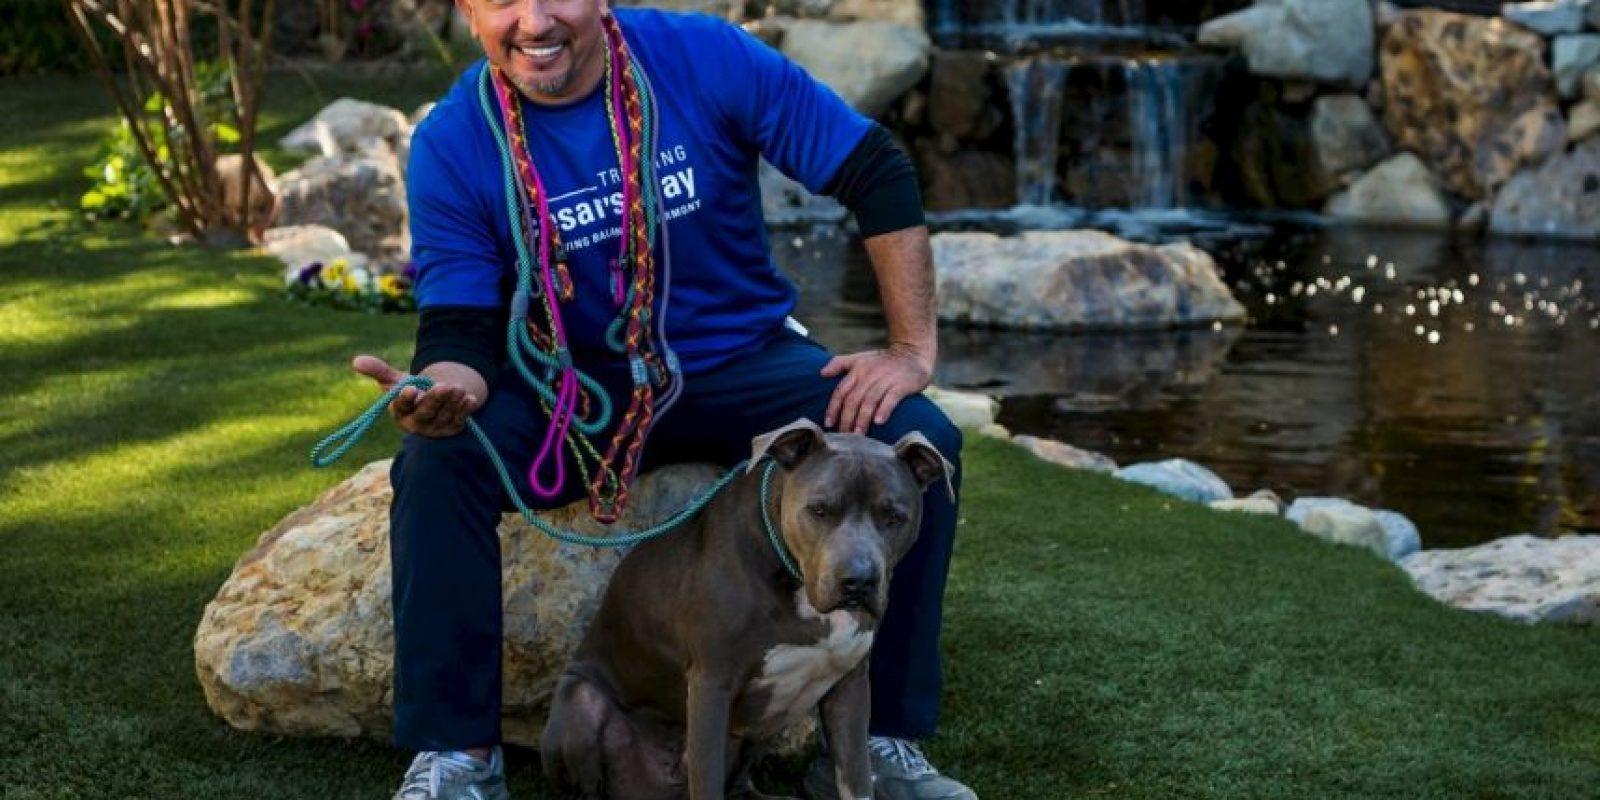 Sin apenas saber inglés, consiguió un primer trabajo de peluquero canino, y tuvo la ocasión de conocer a Jada Pinkett Smith Foto:Vía facebook.com/cesar.millan